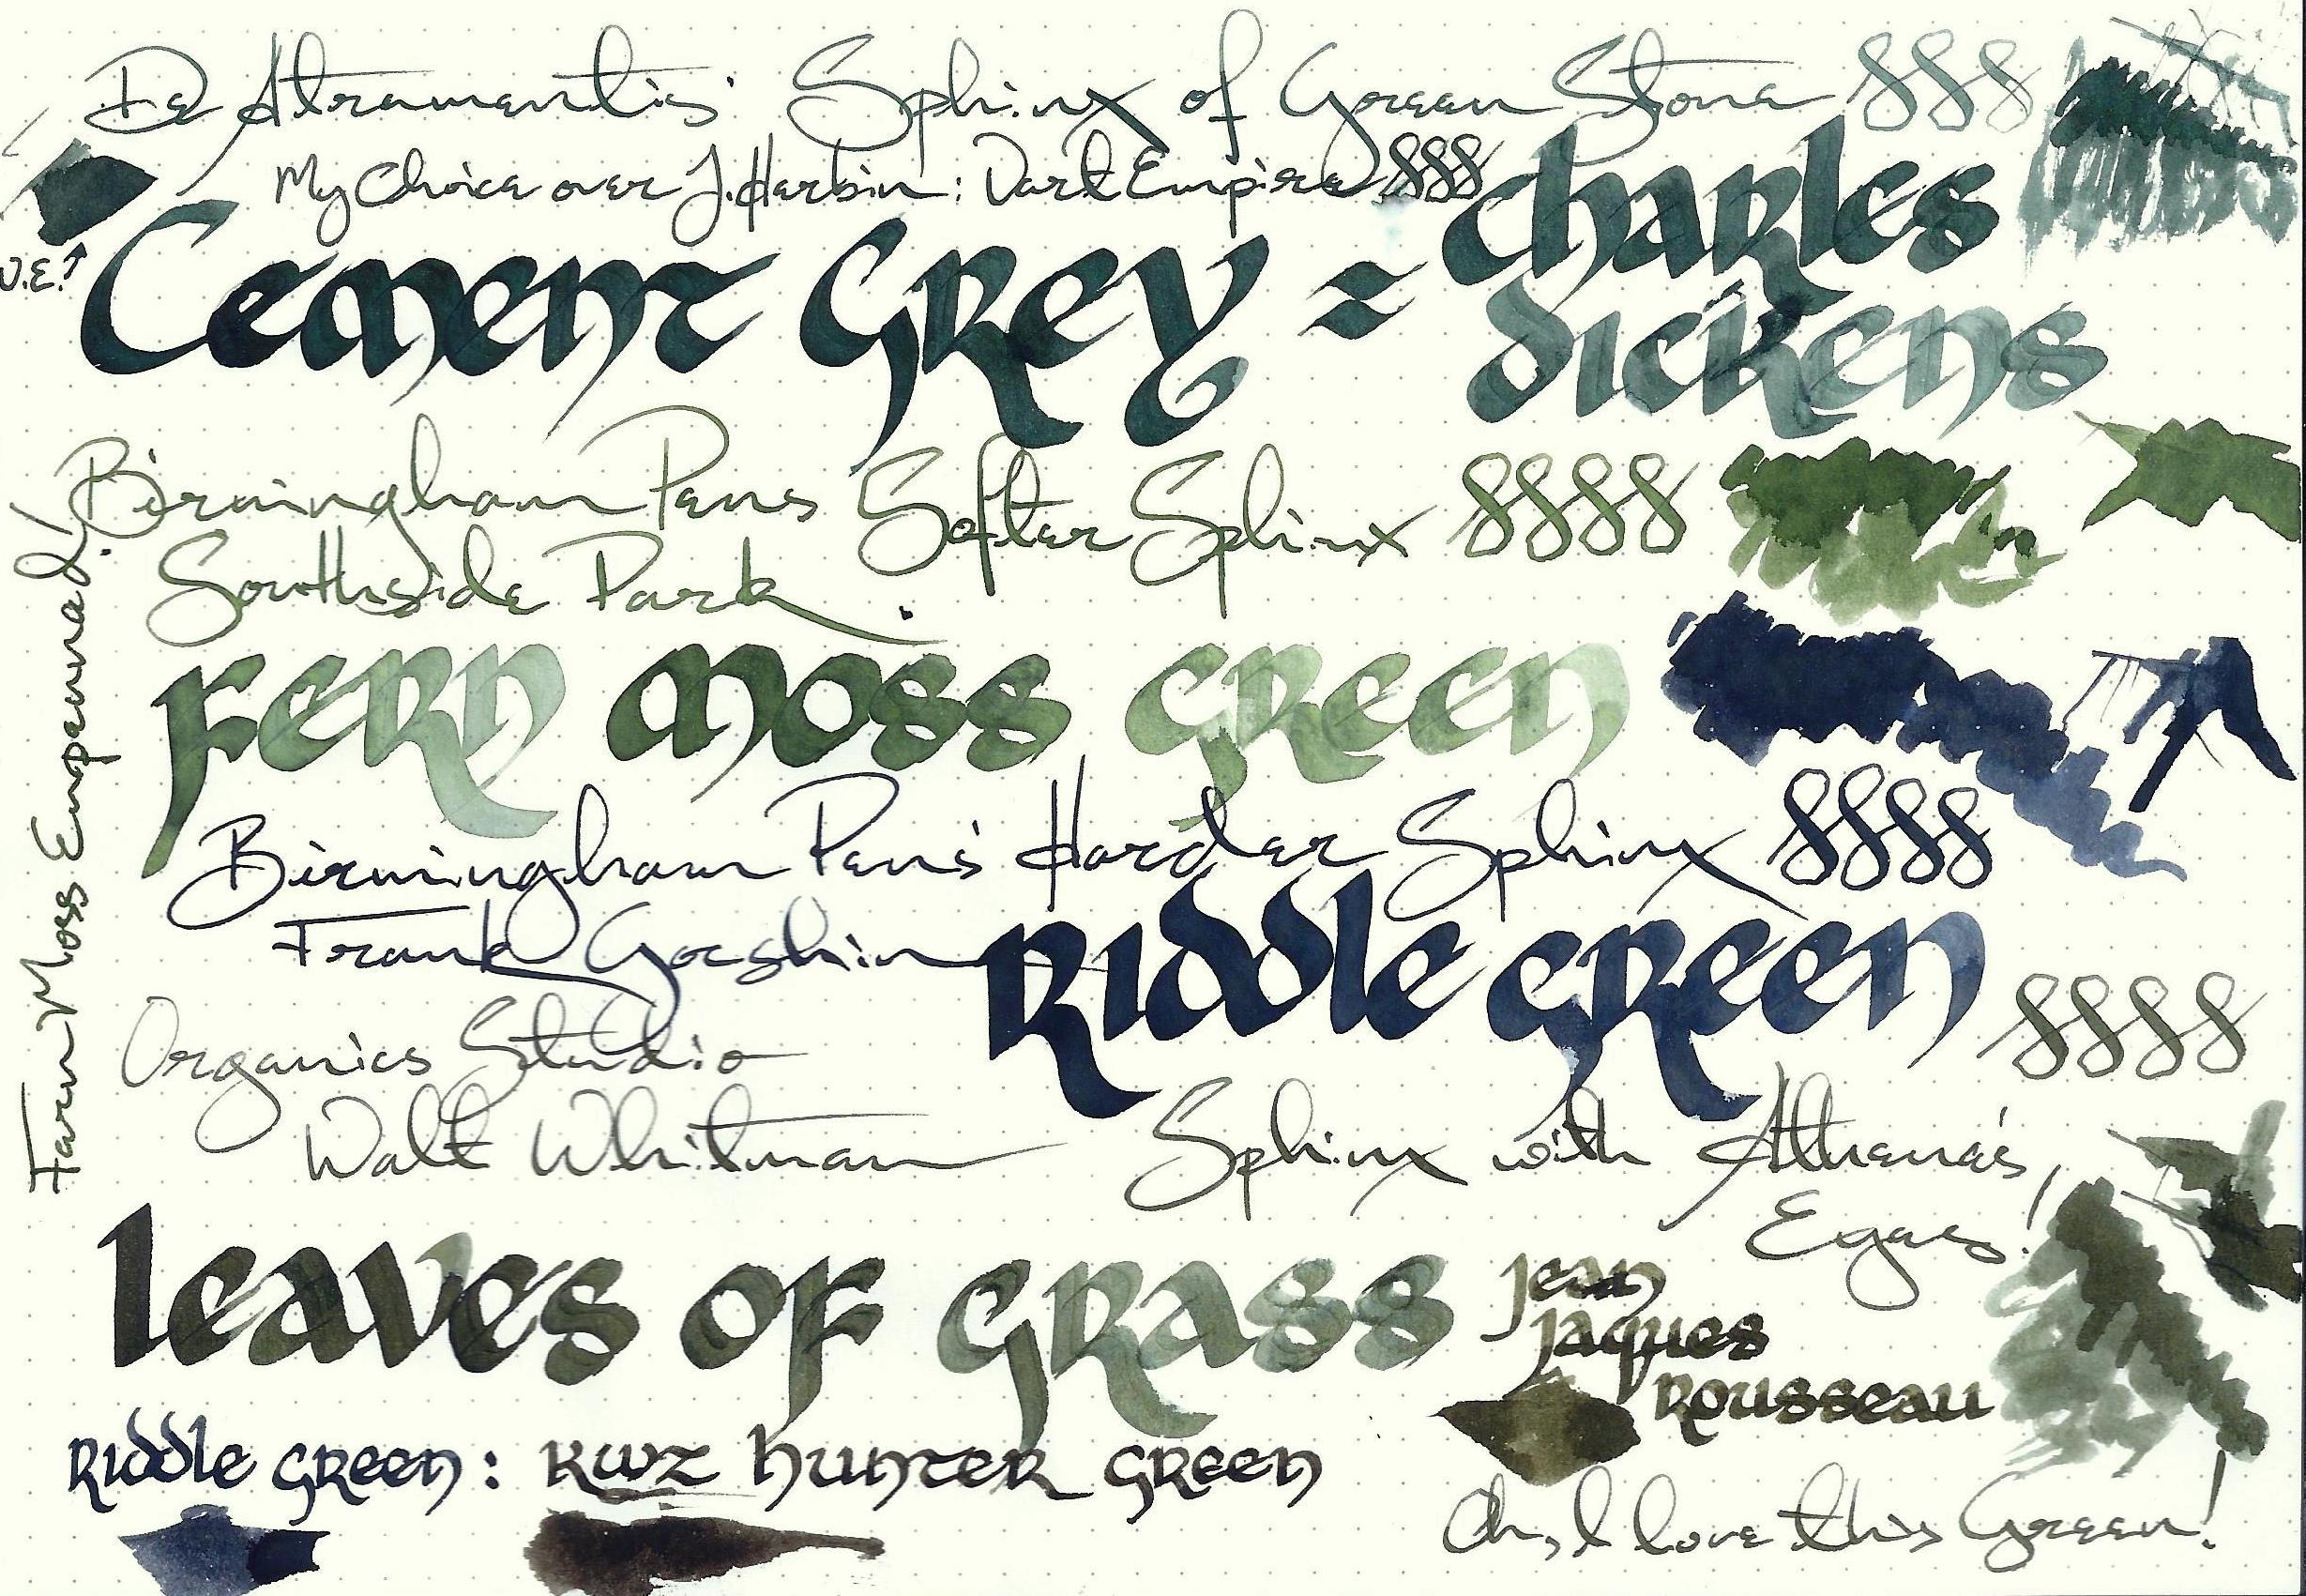 fpn_1544911455__stony_greens.jpg